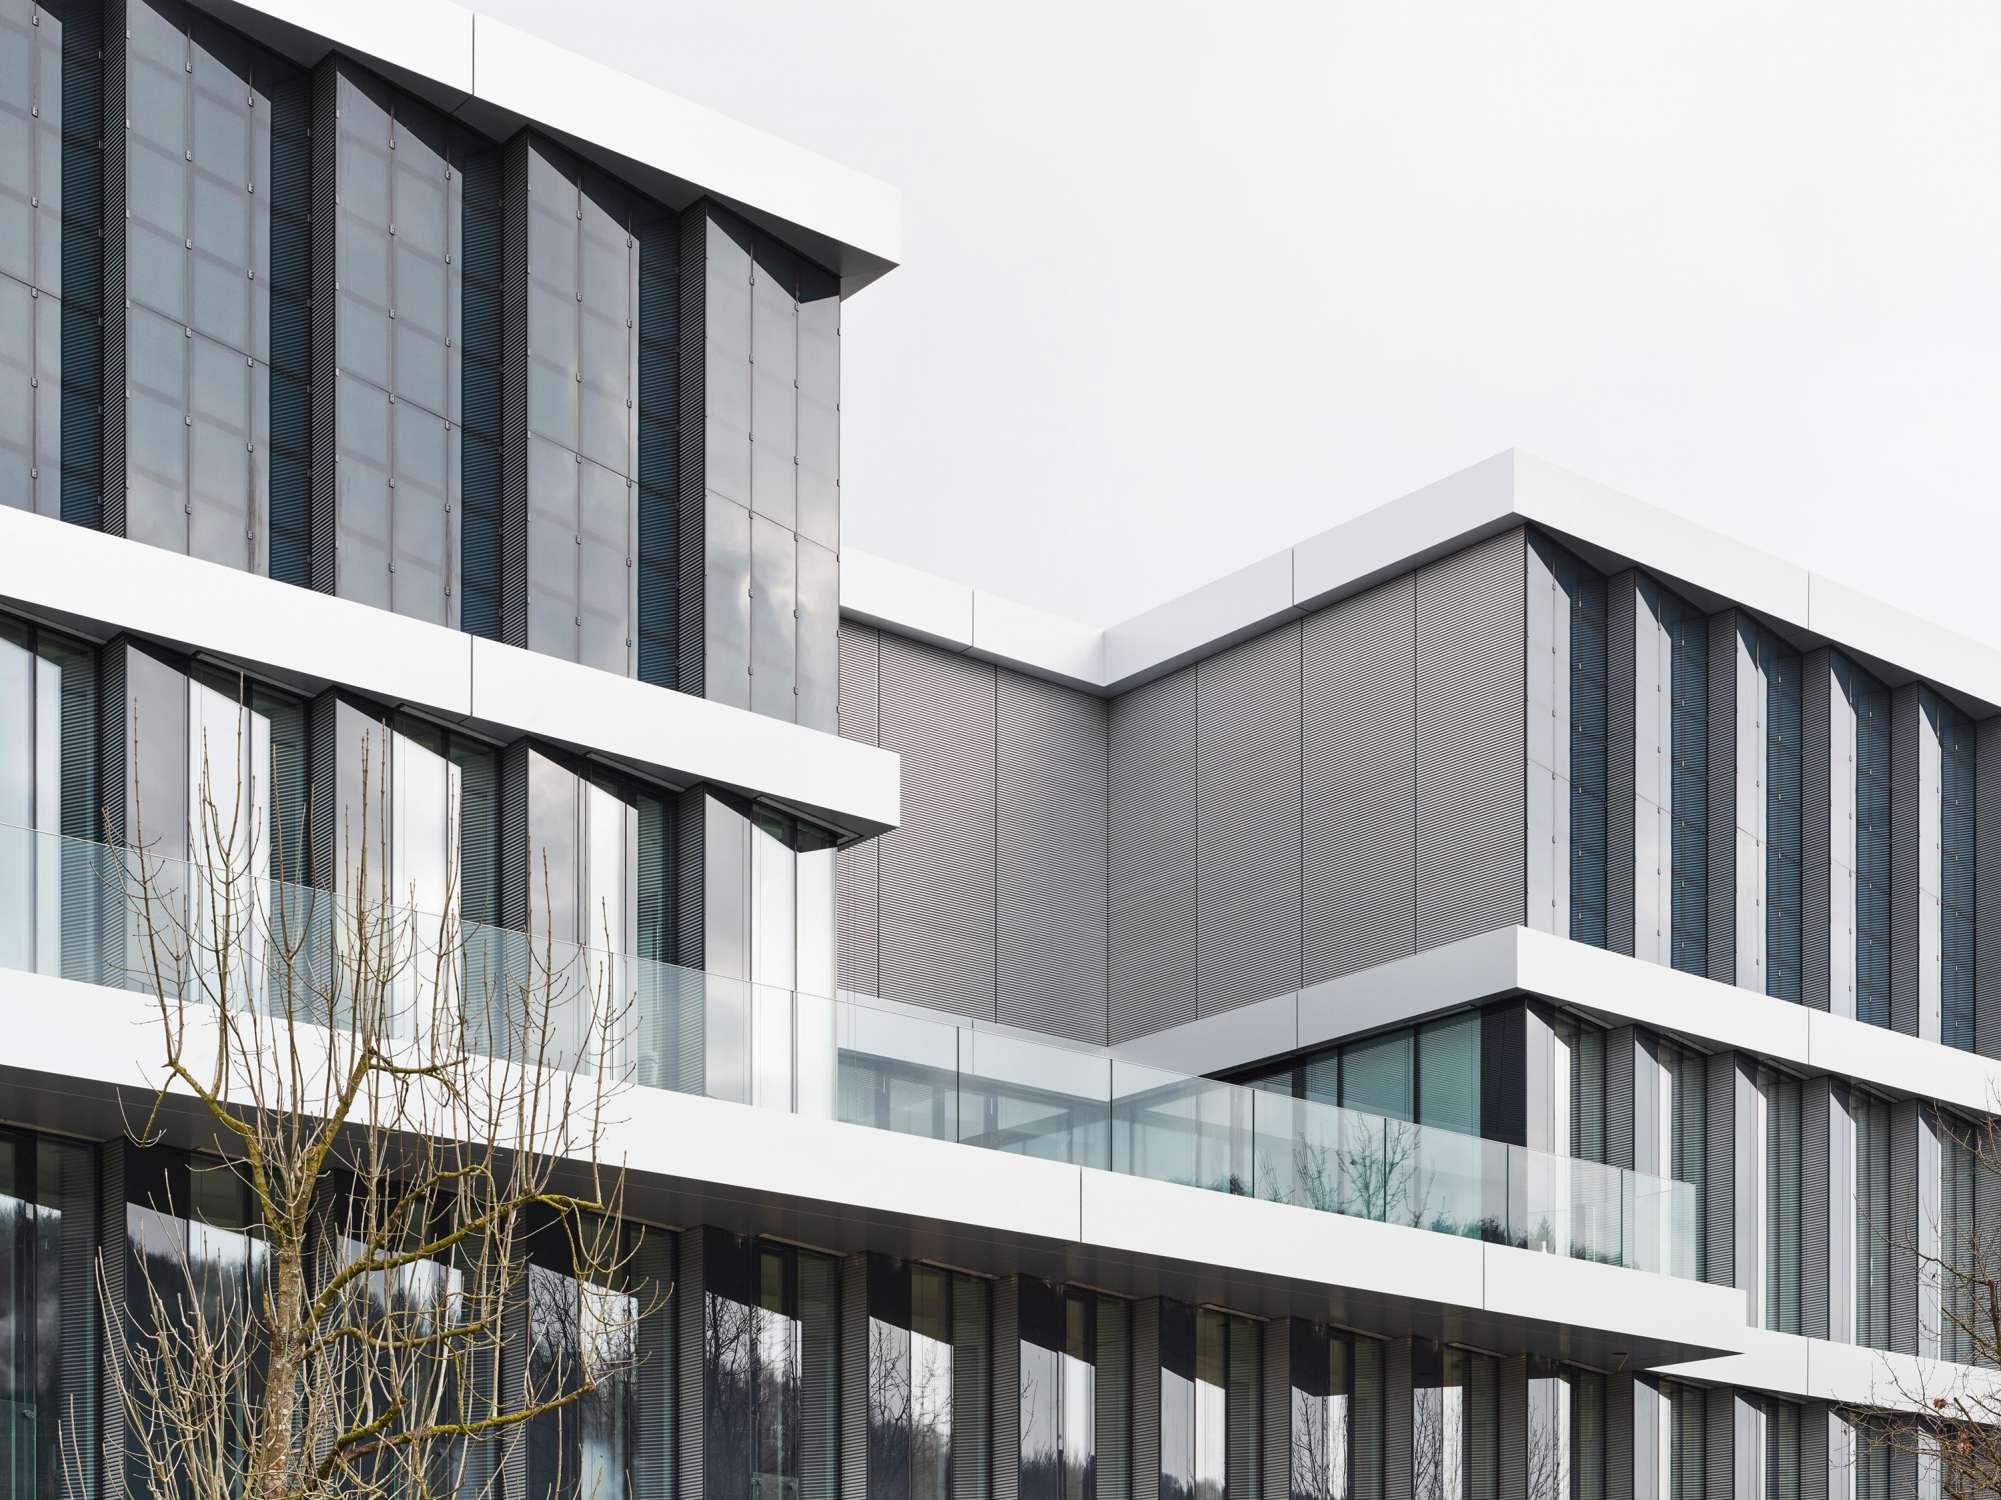 Büro- und Verwaltungsgebäude (1)